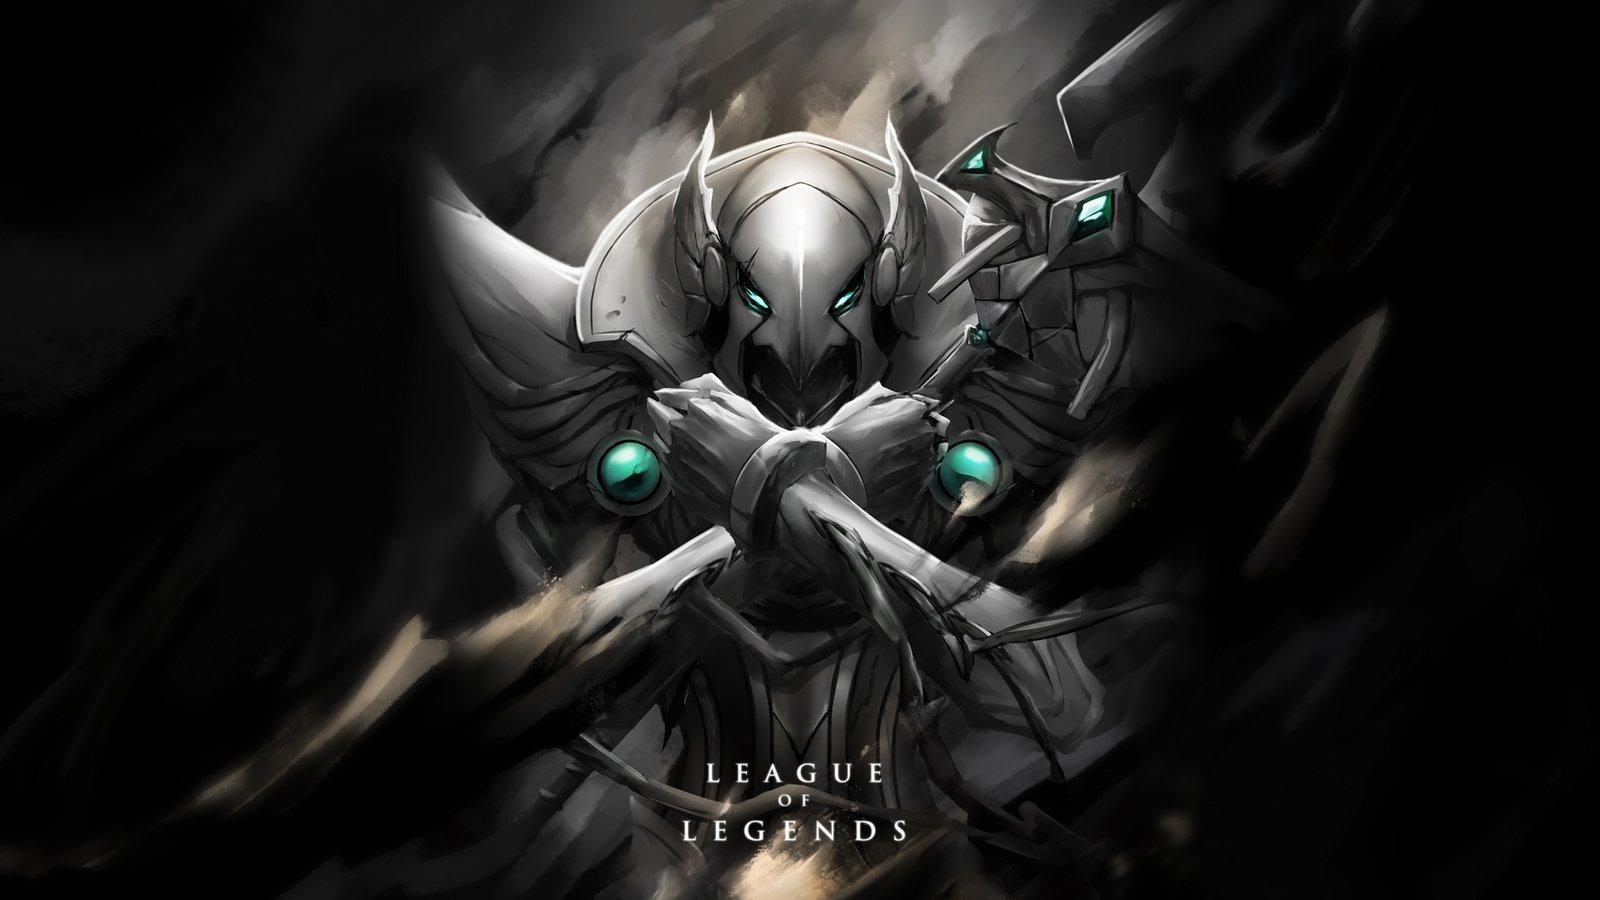 Azir League Of Legends Wallpapers HD 1920x1080